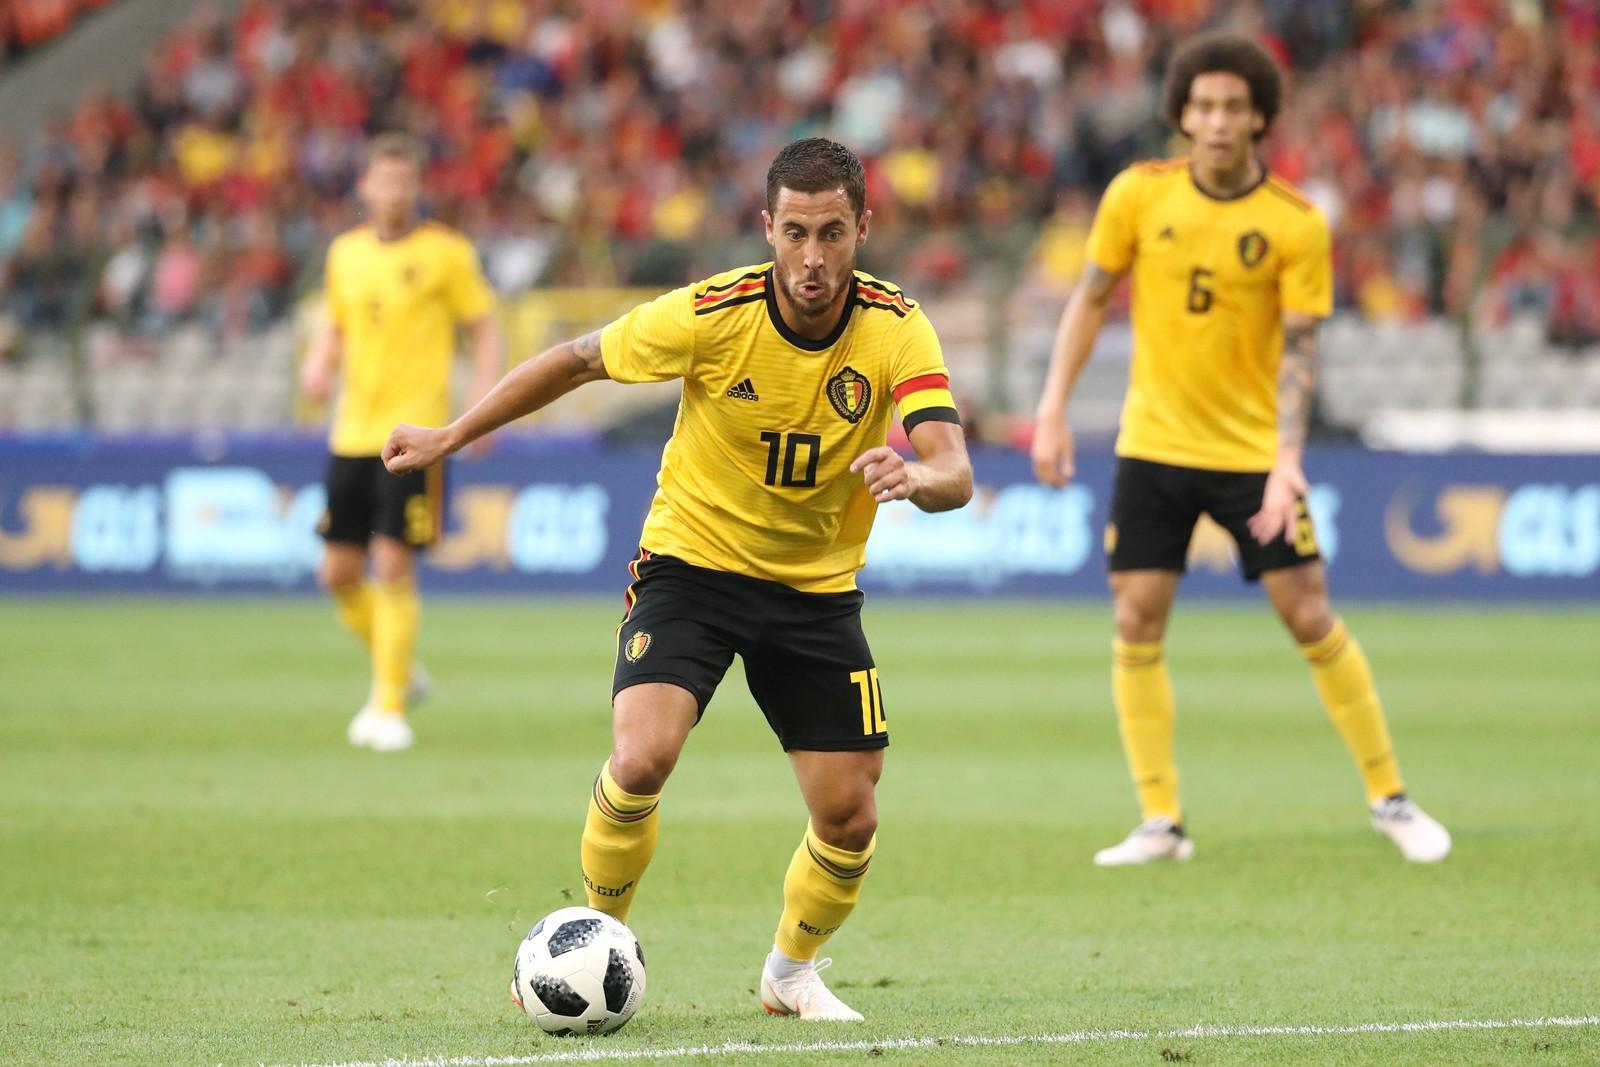 Eden Hazard im Dribbling für die belgische Nationalmannschaft